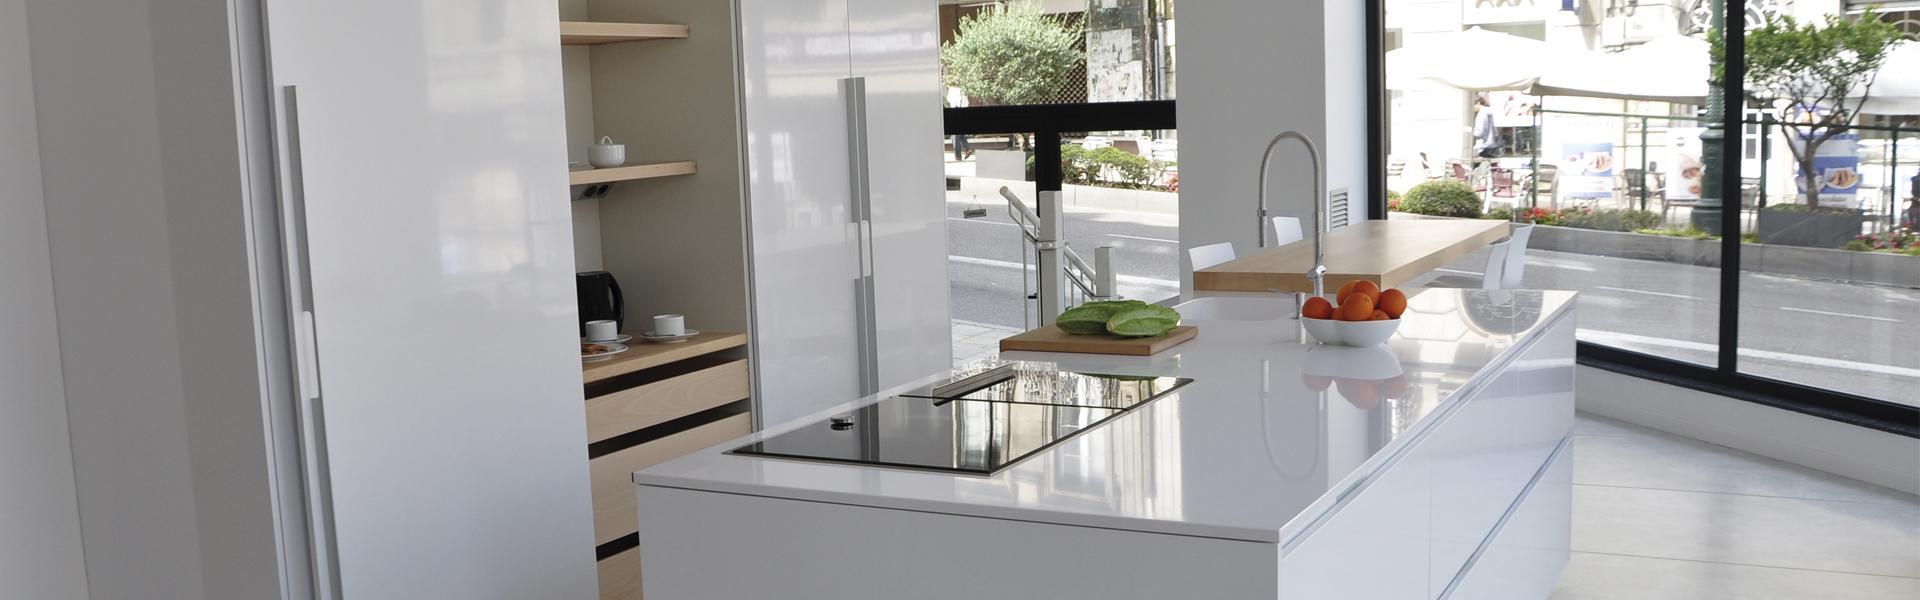 Emejing Muebles De Cocina En Ourense Contemporary - Casas: Ideas ...